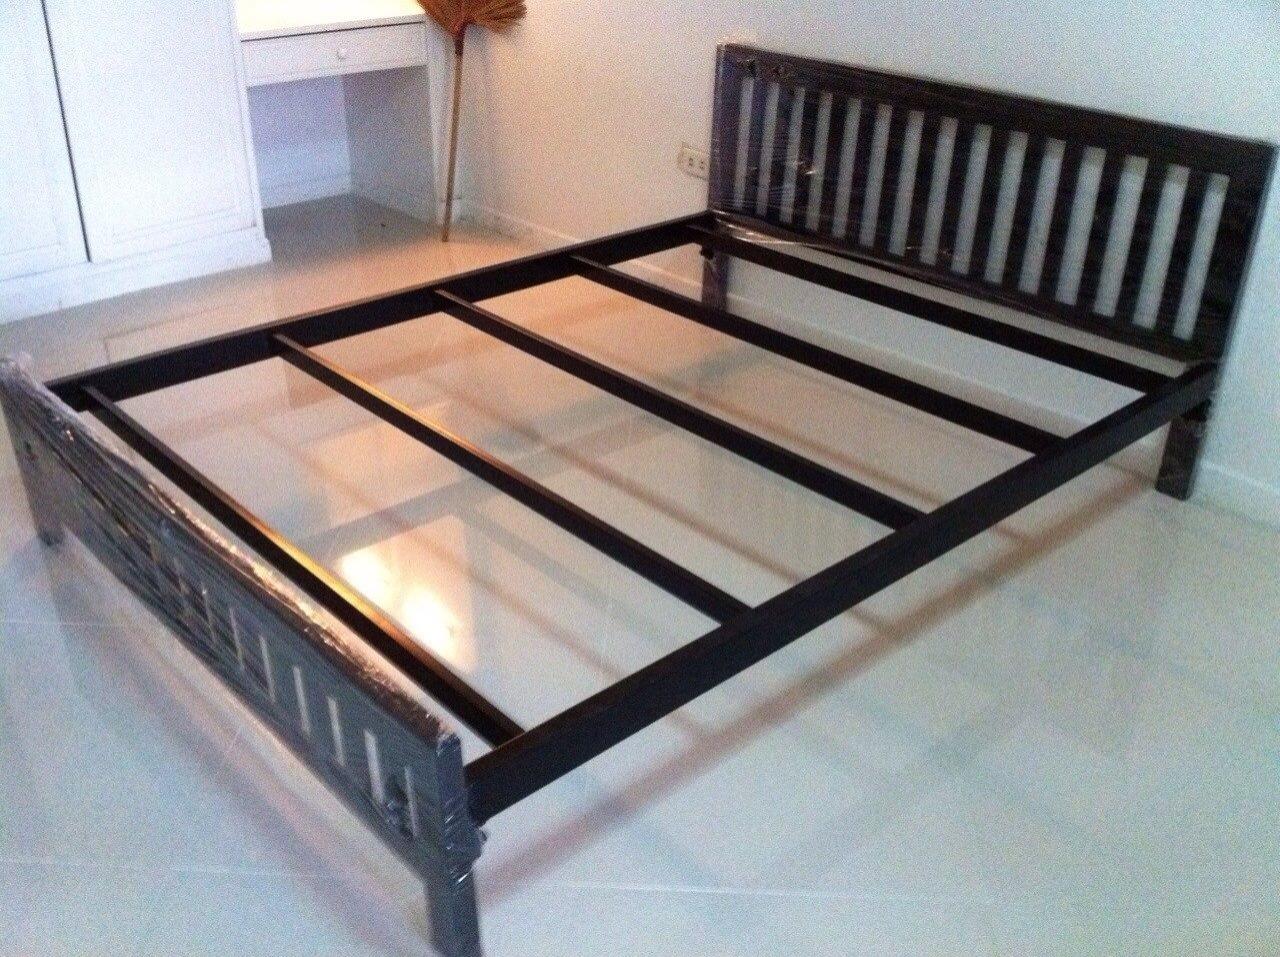 เตียงเหล็ก เหลี่ยม สีดำ